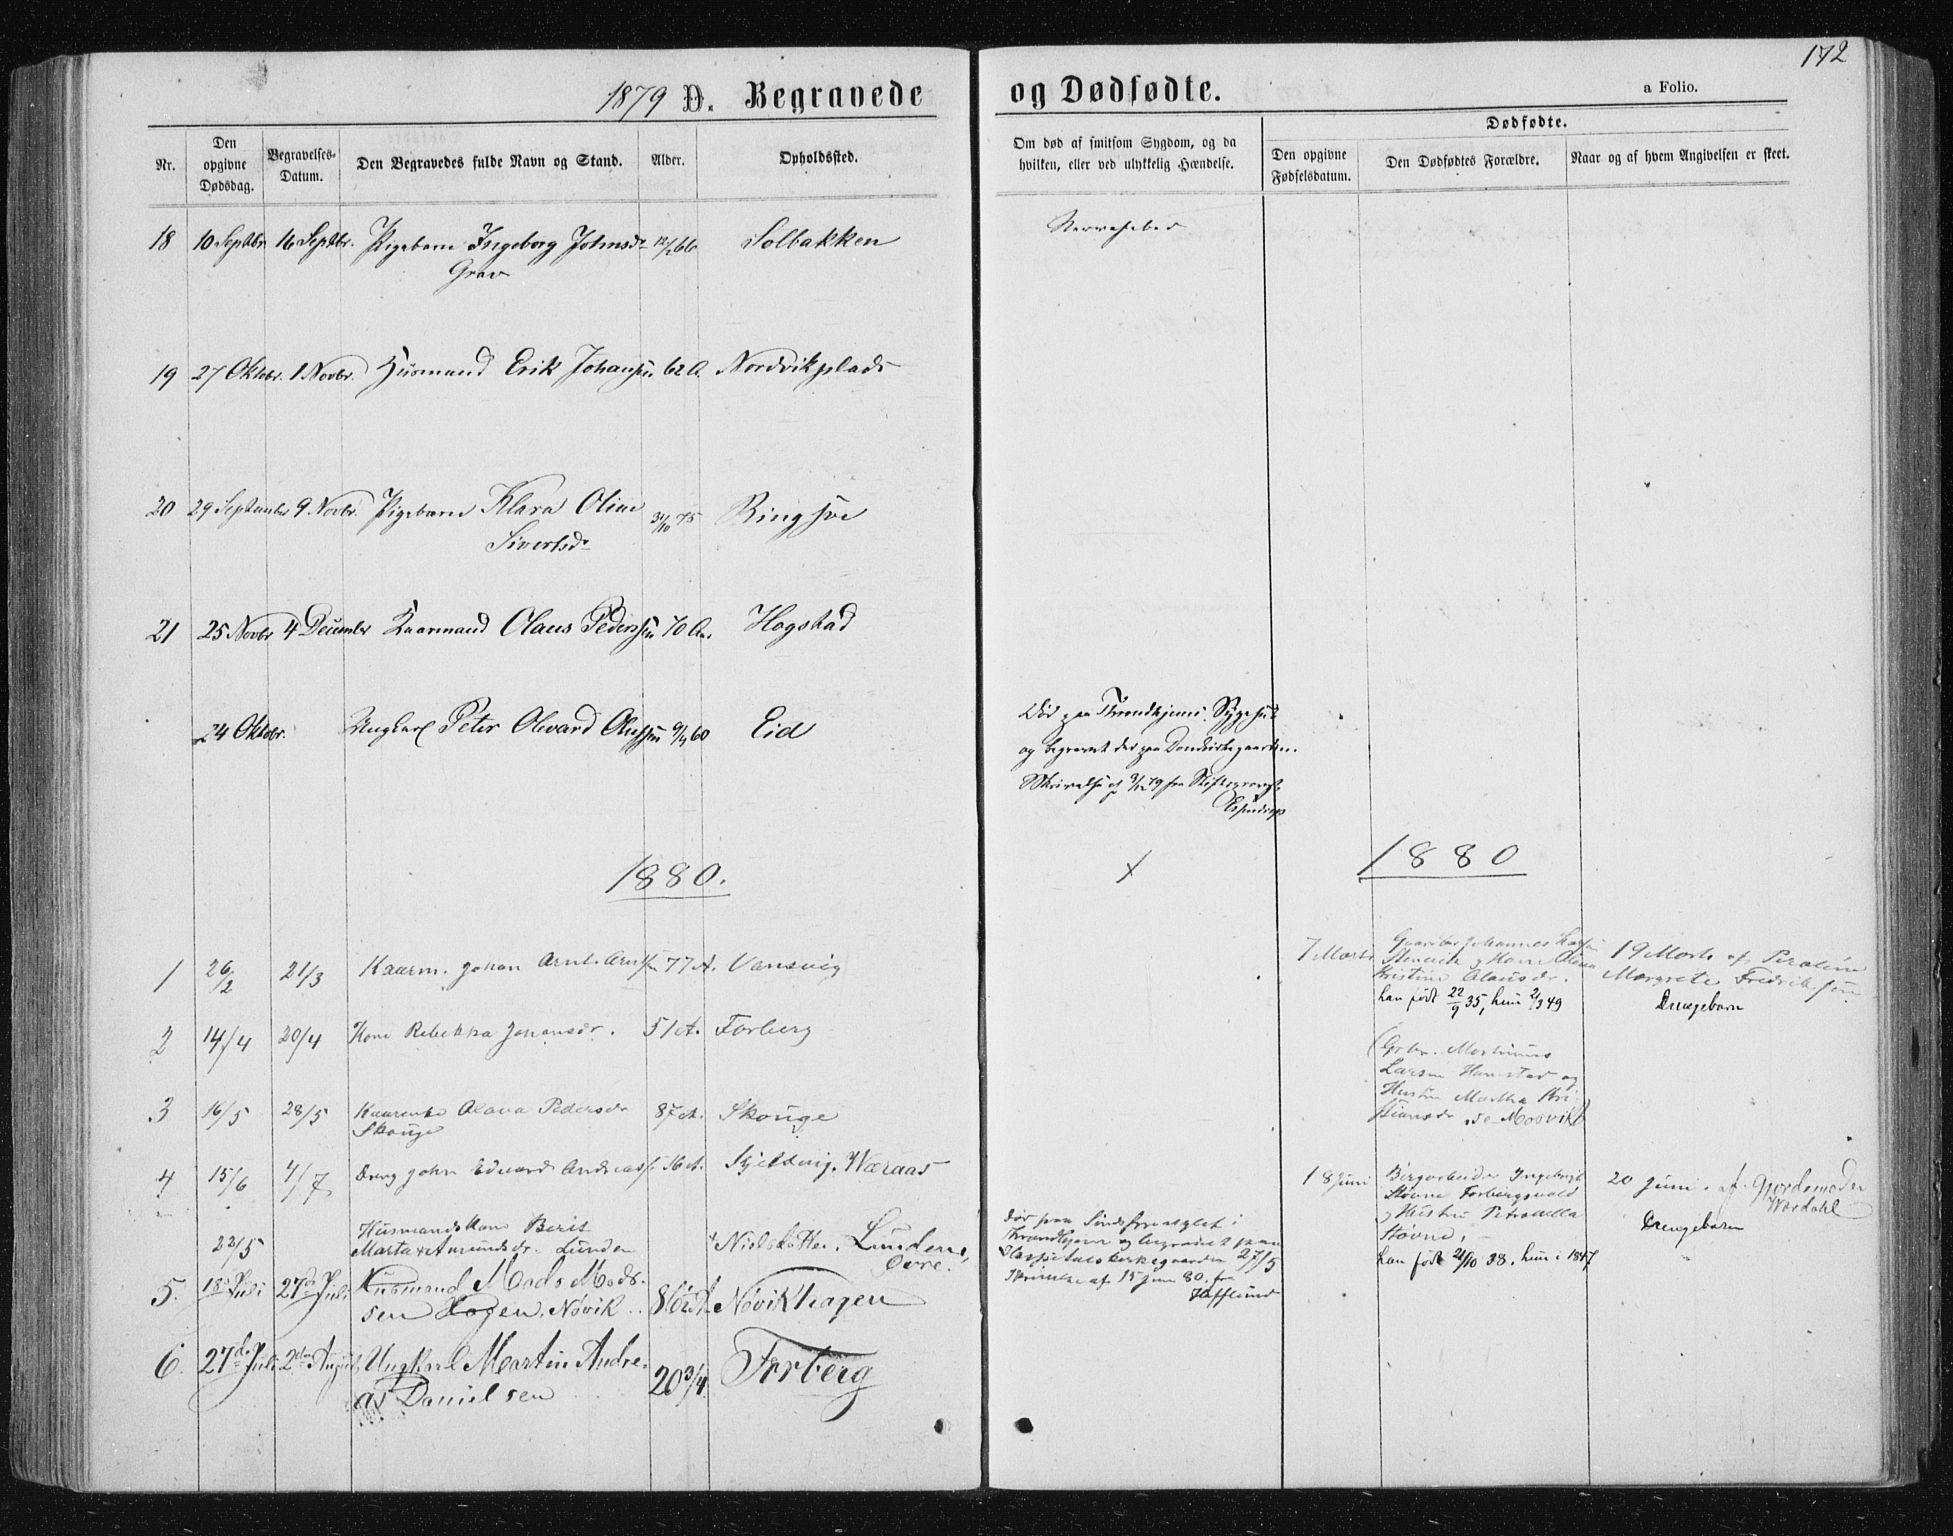 SAT, Ministerialprotokoller, klokkerbøker og fødselsregistre - Nord-Trøndelag, 722/L0219: Ministerialbok nr. 722A06, 1868-1880, s. 172